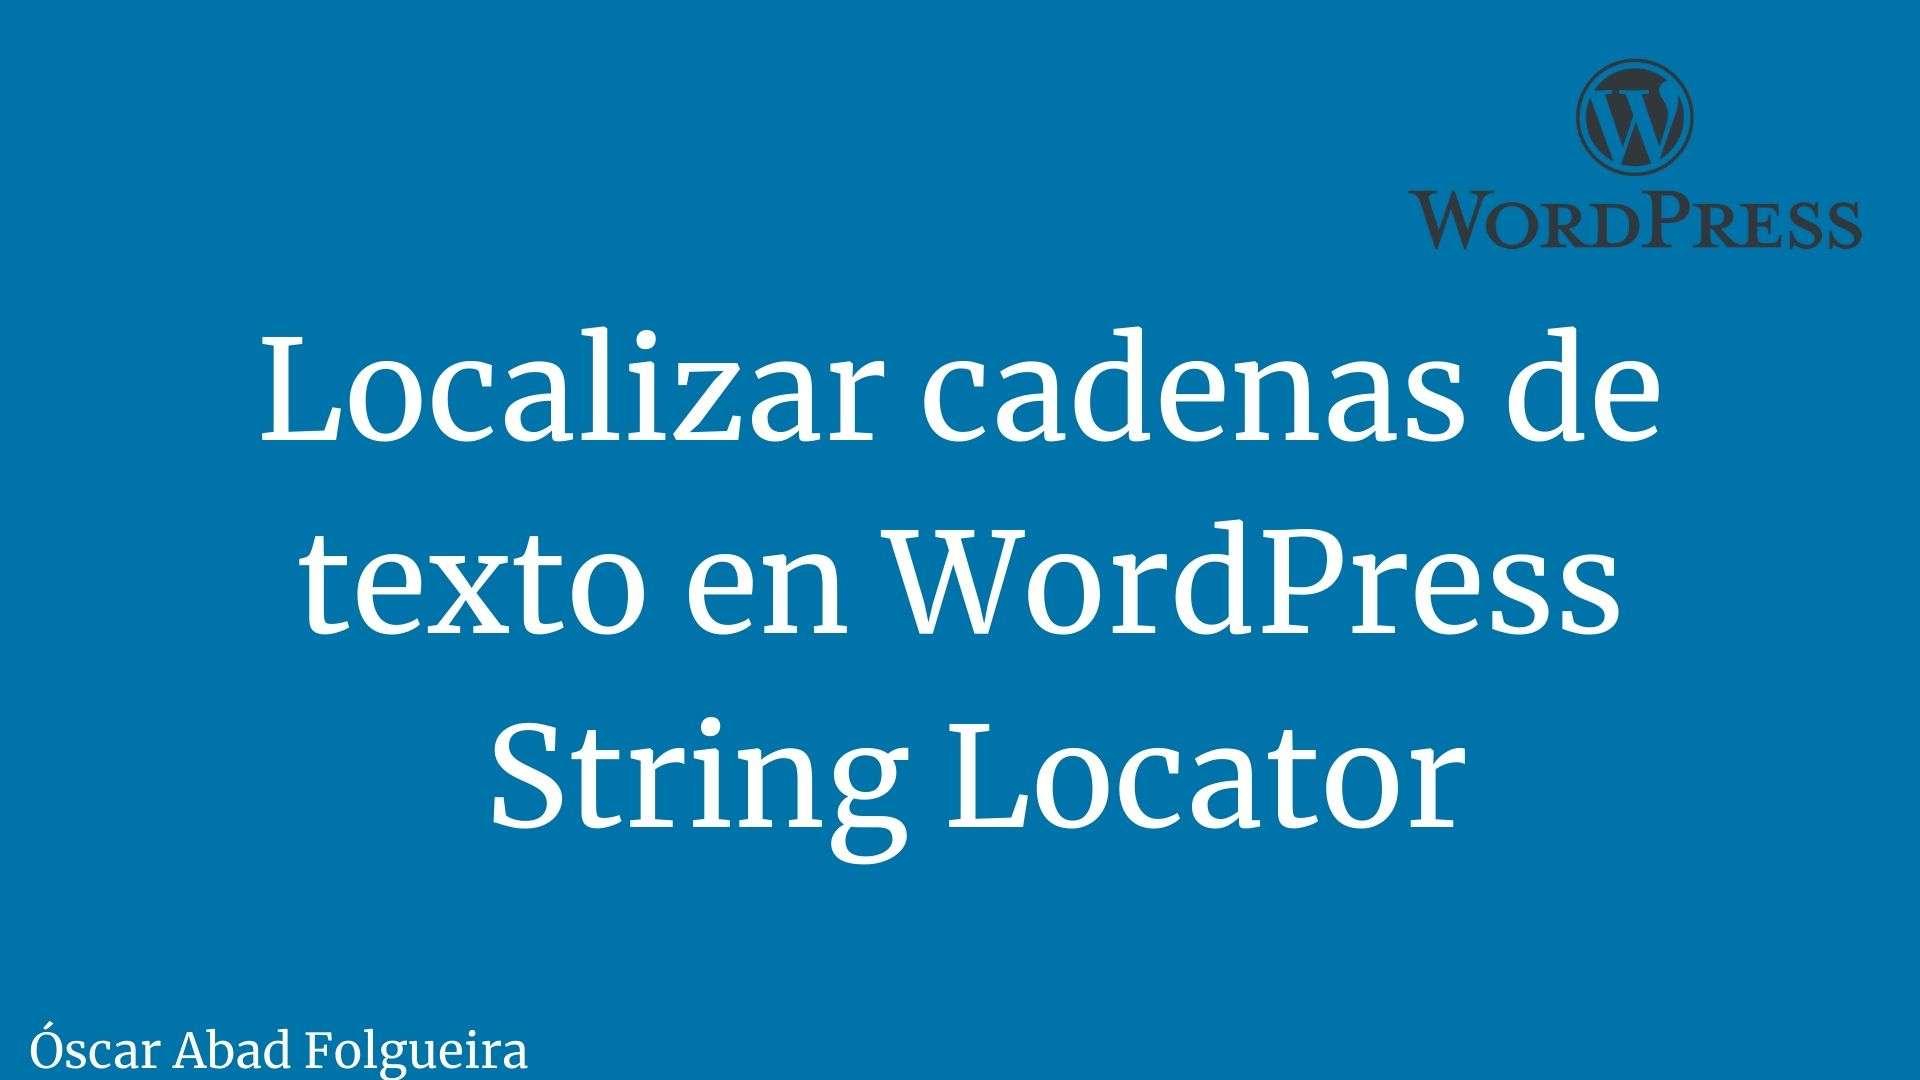 Localizar cadenas de texto en WordPress String Locator